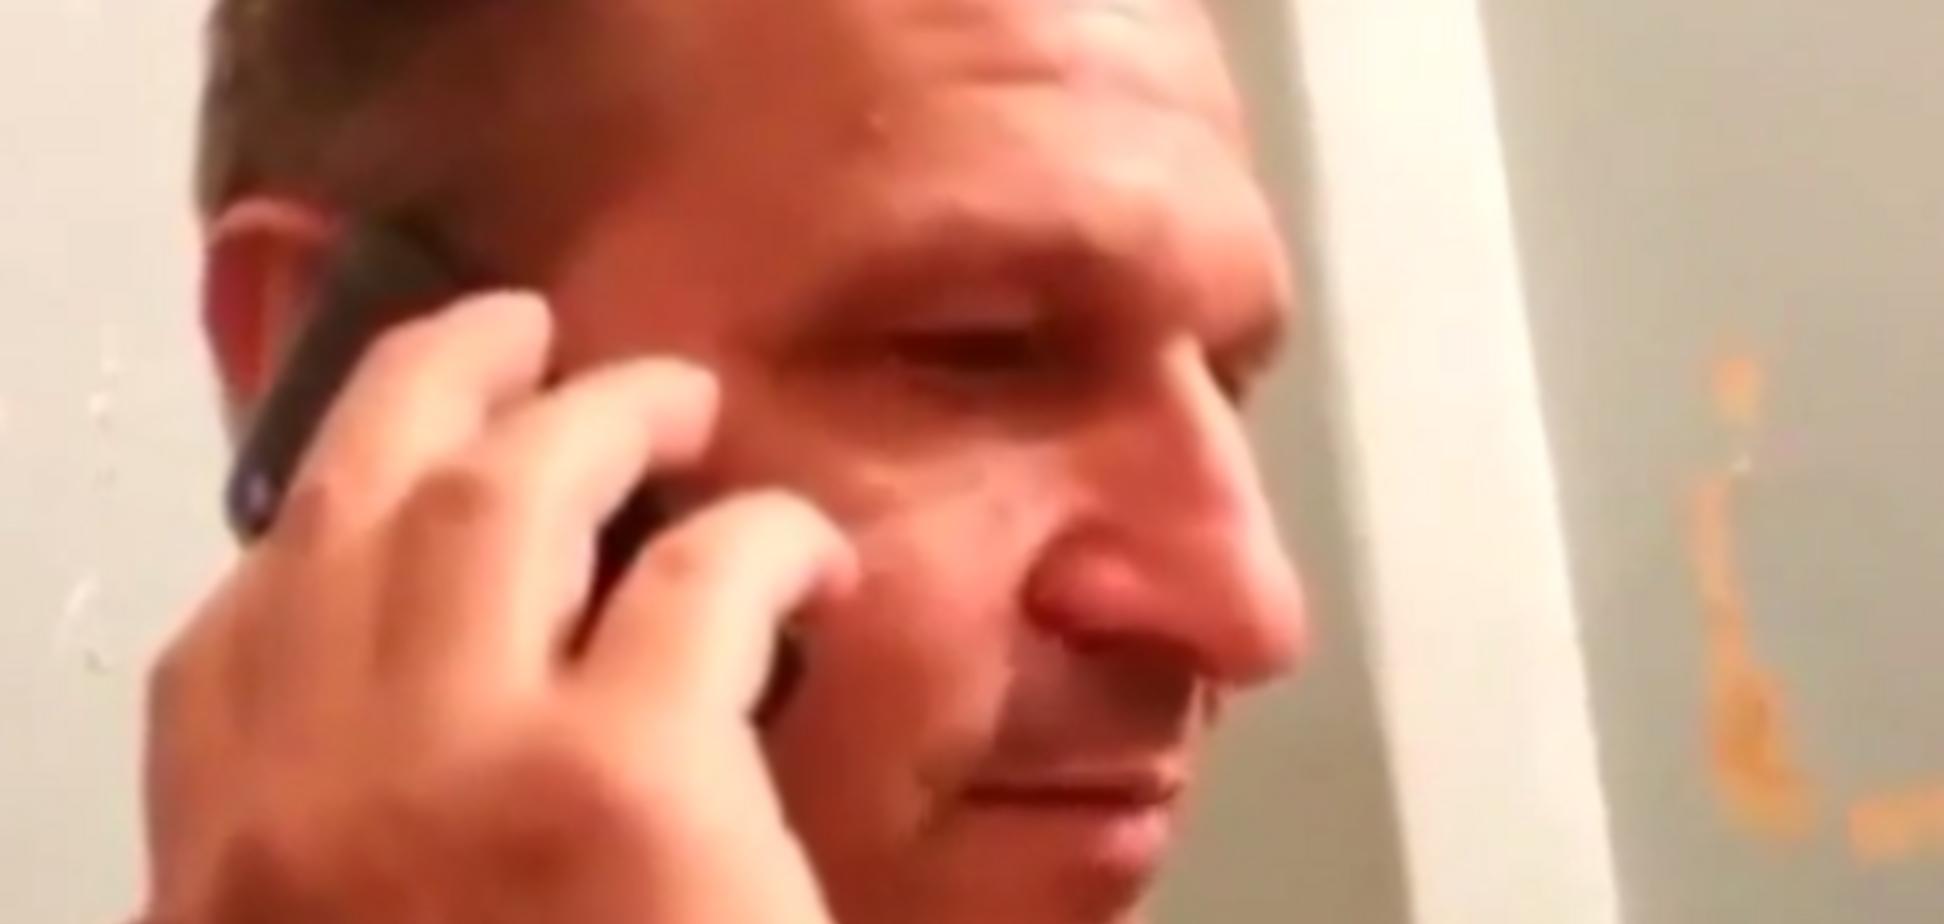 Терористи - мамі полоненого українського бійця: 'Чим швидше приїдете, тим буде краще для Вас'